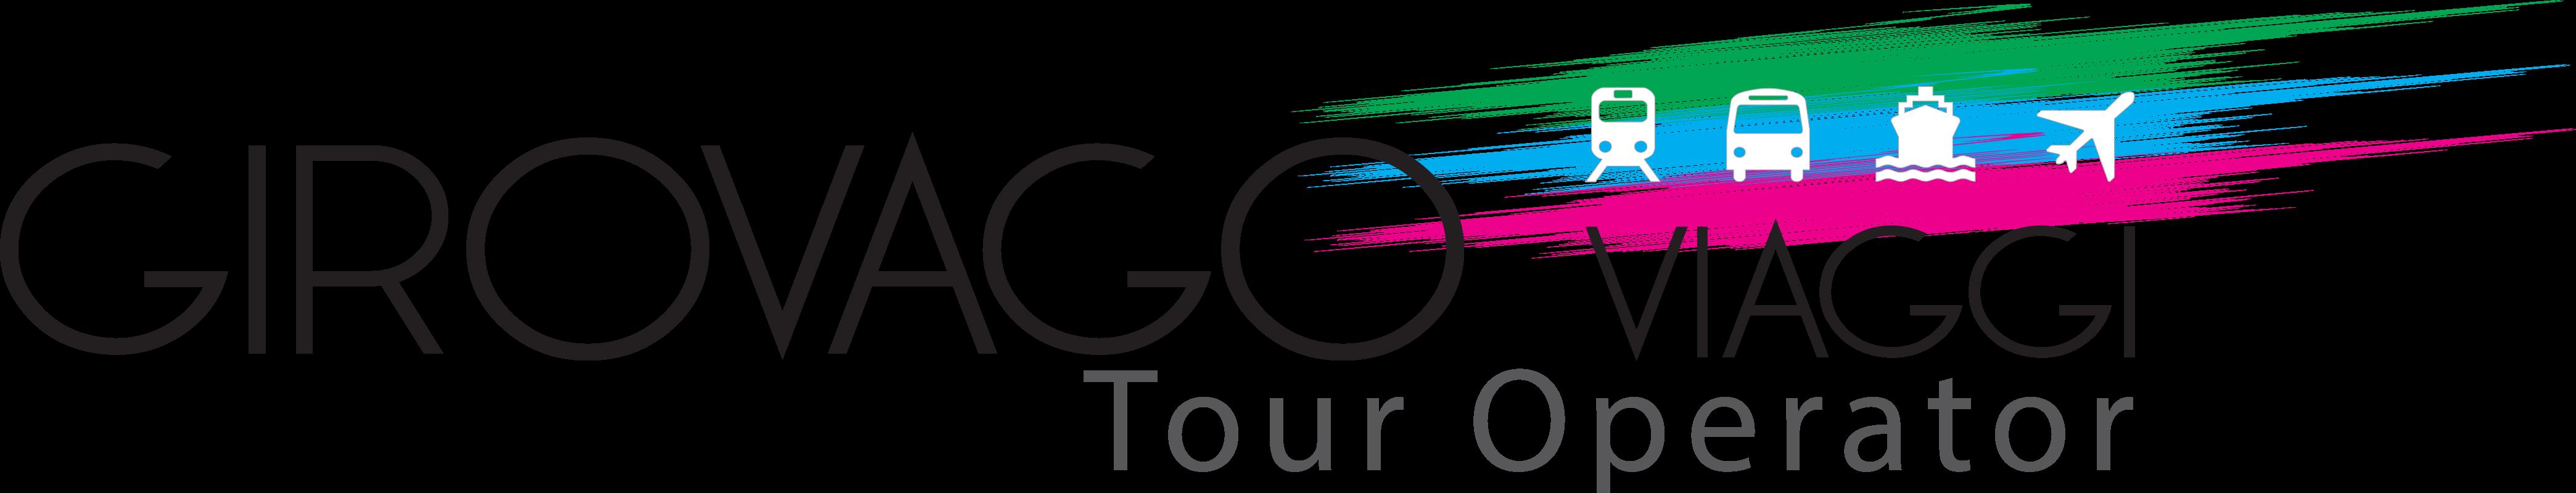 Girovago Viaggi - Tour Operator